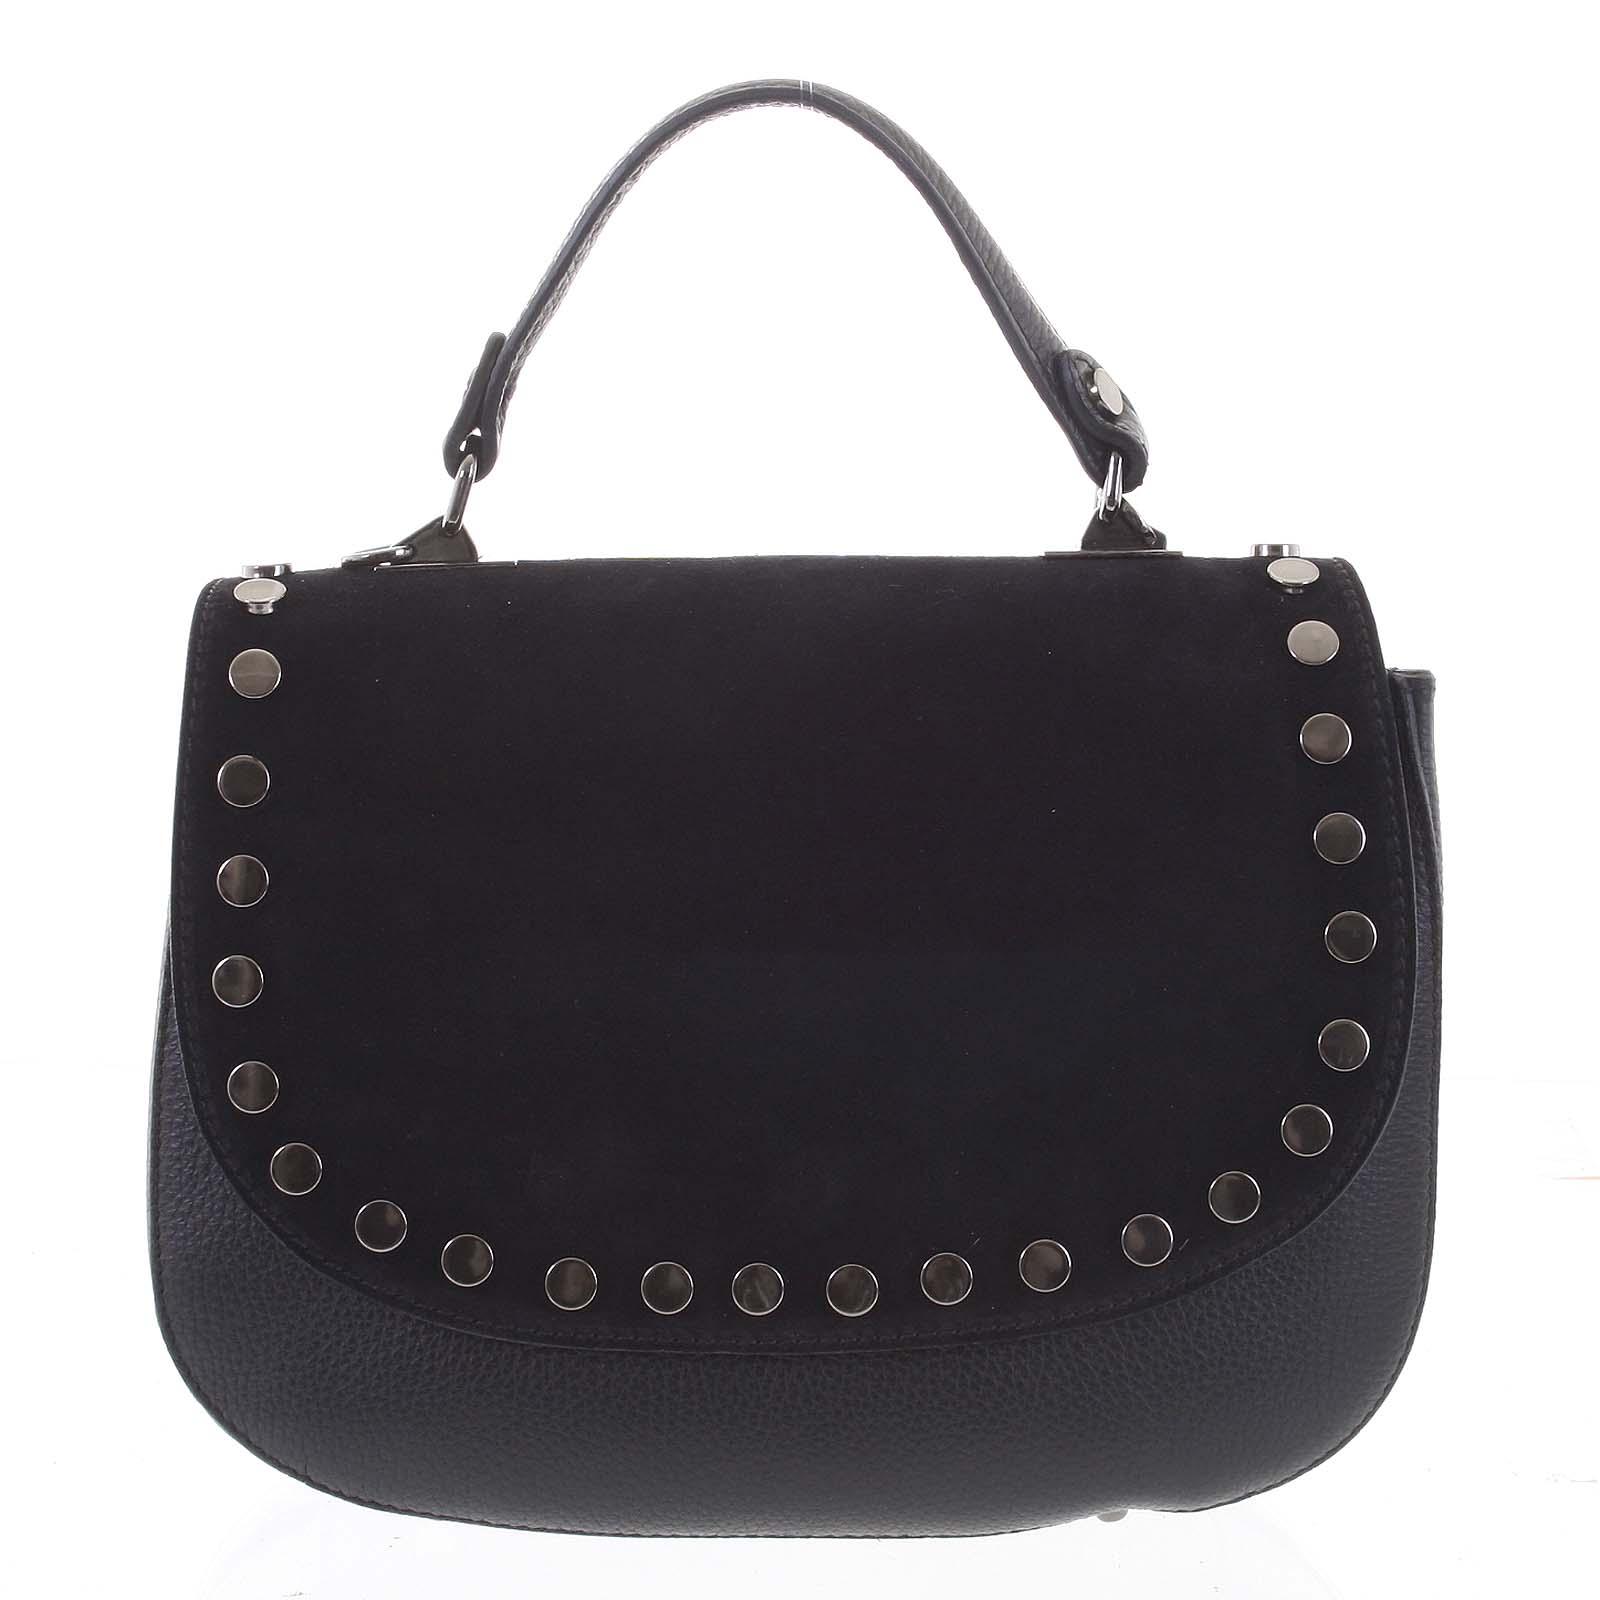 Originálna zaguľatená čierna kabelka do ruky semiš - ItalY Aethra čierna